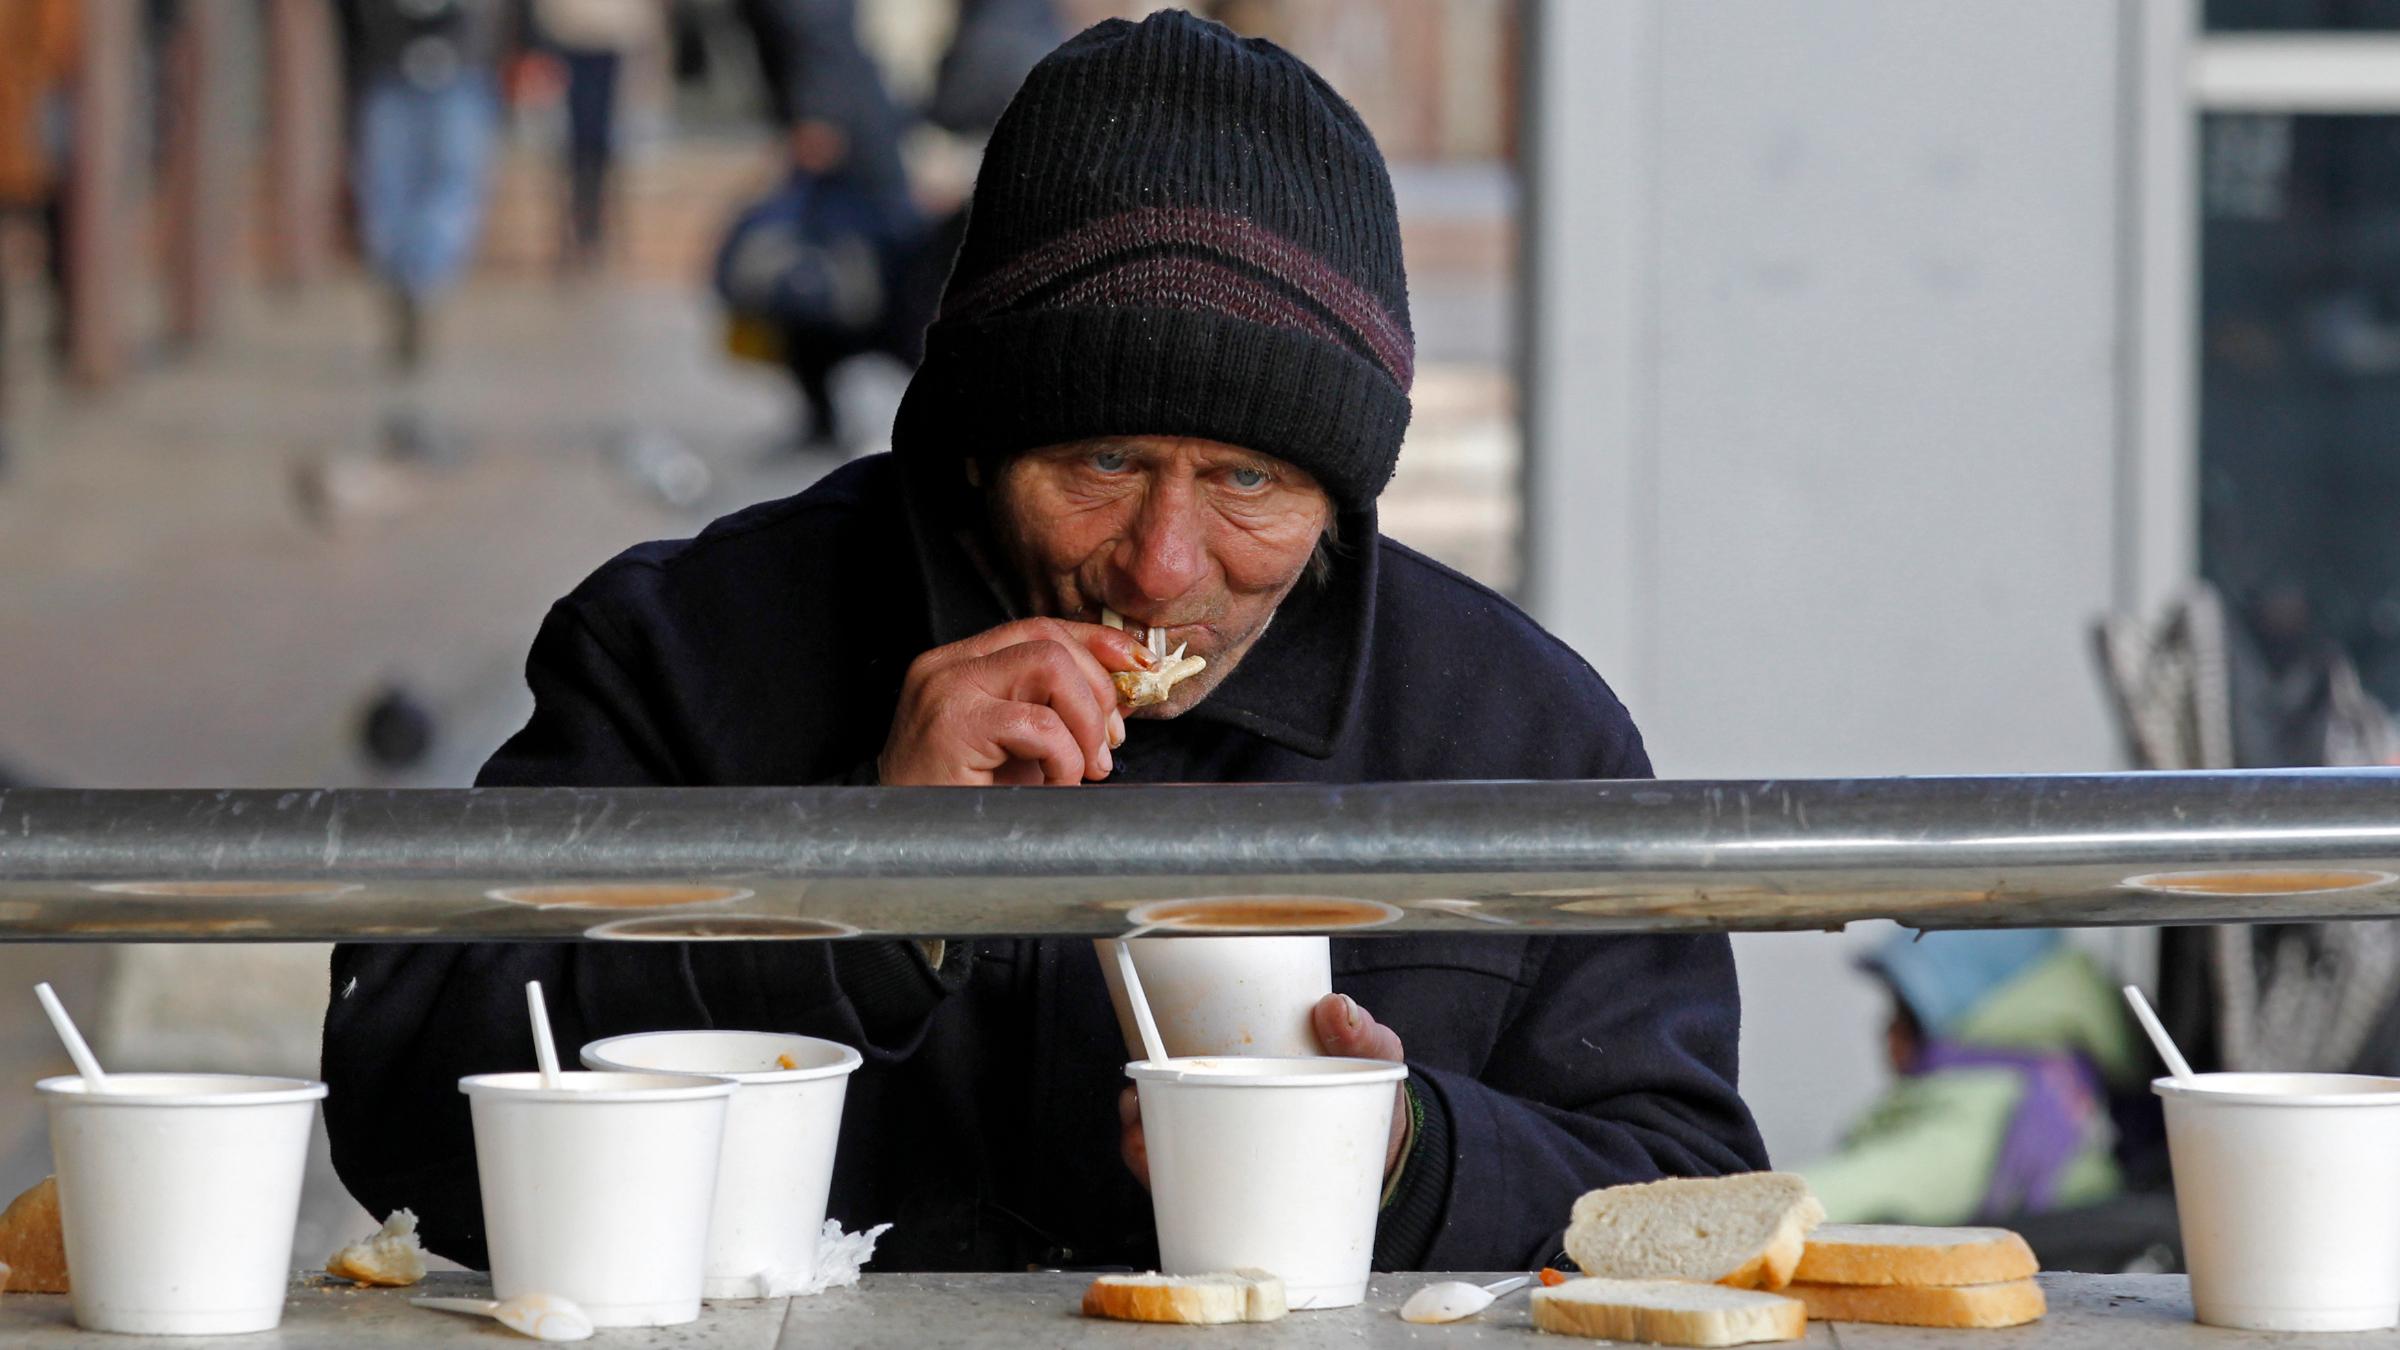 Poverty America